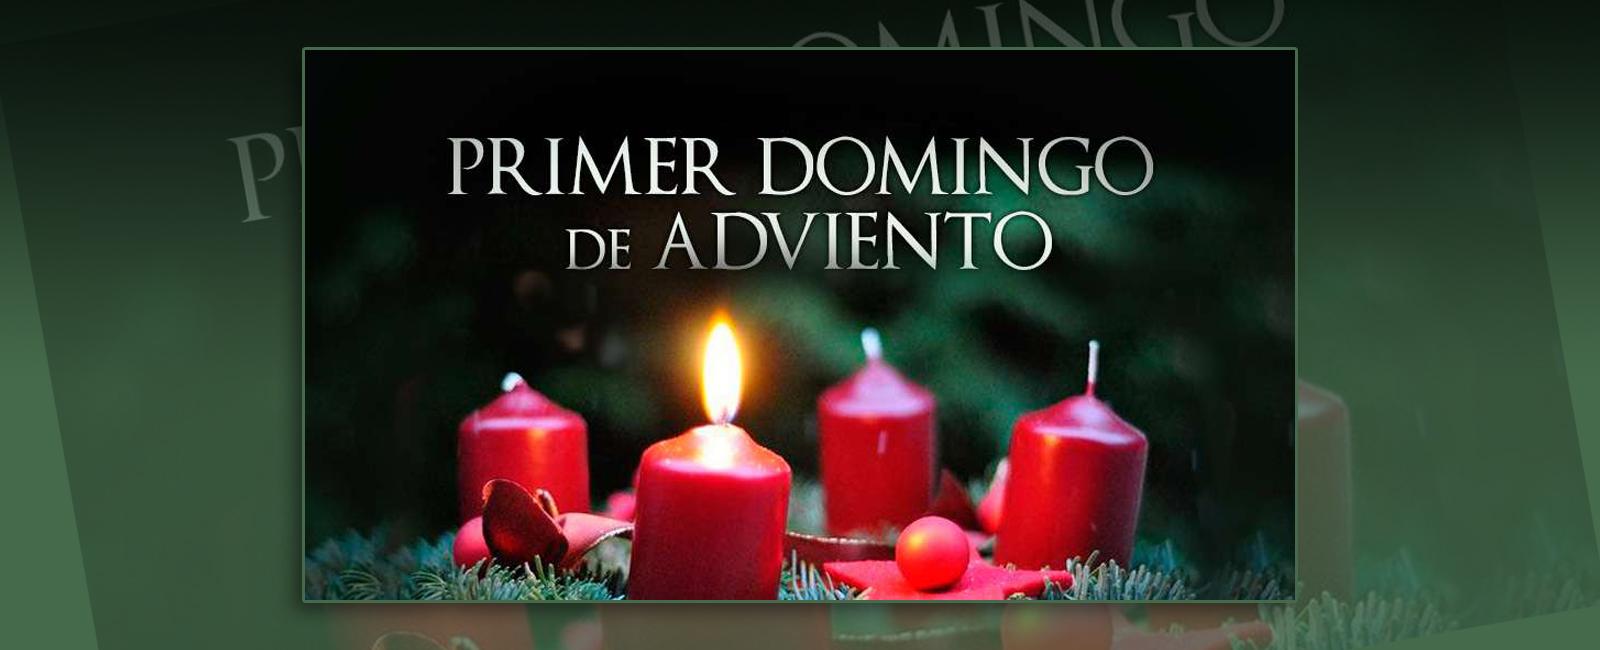 Parroquia El Altet - Evangelio Domingo 1 de Diciembre 2019